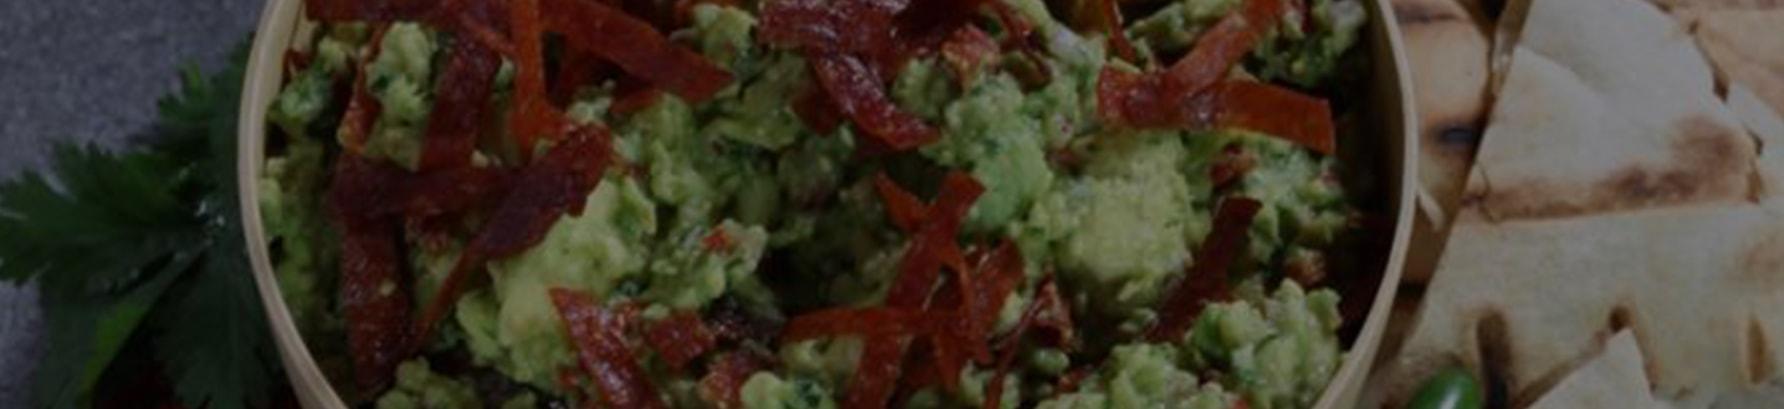 Mediterranean Umami Guacamole Recipe - Header